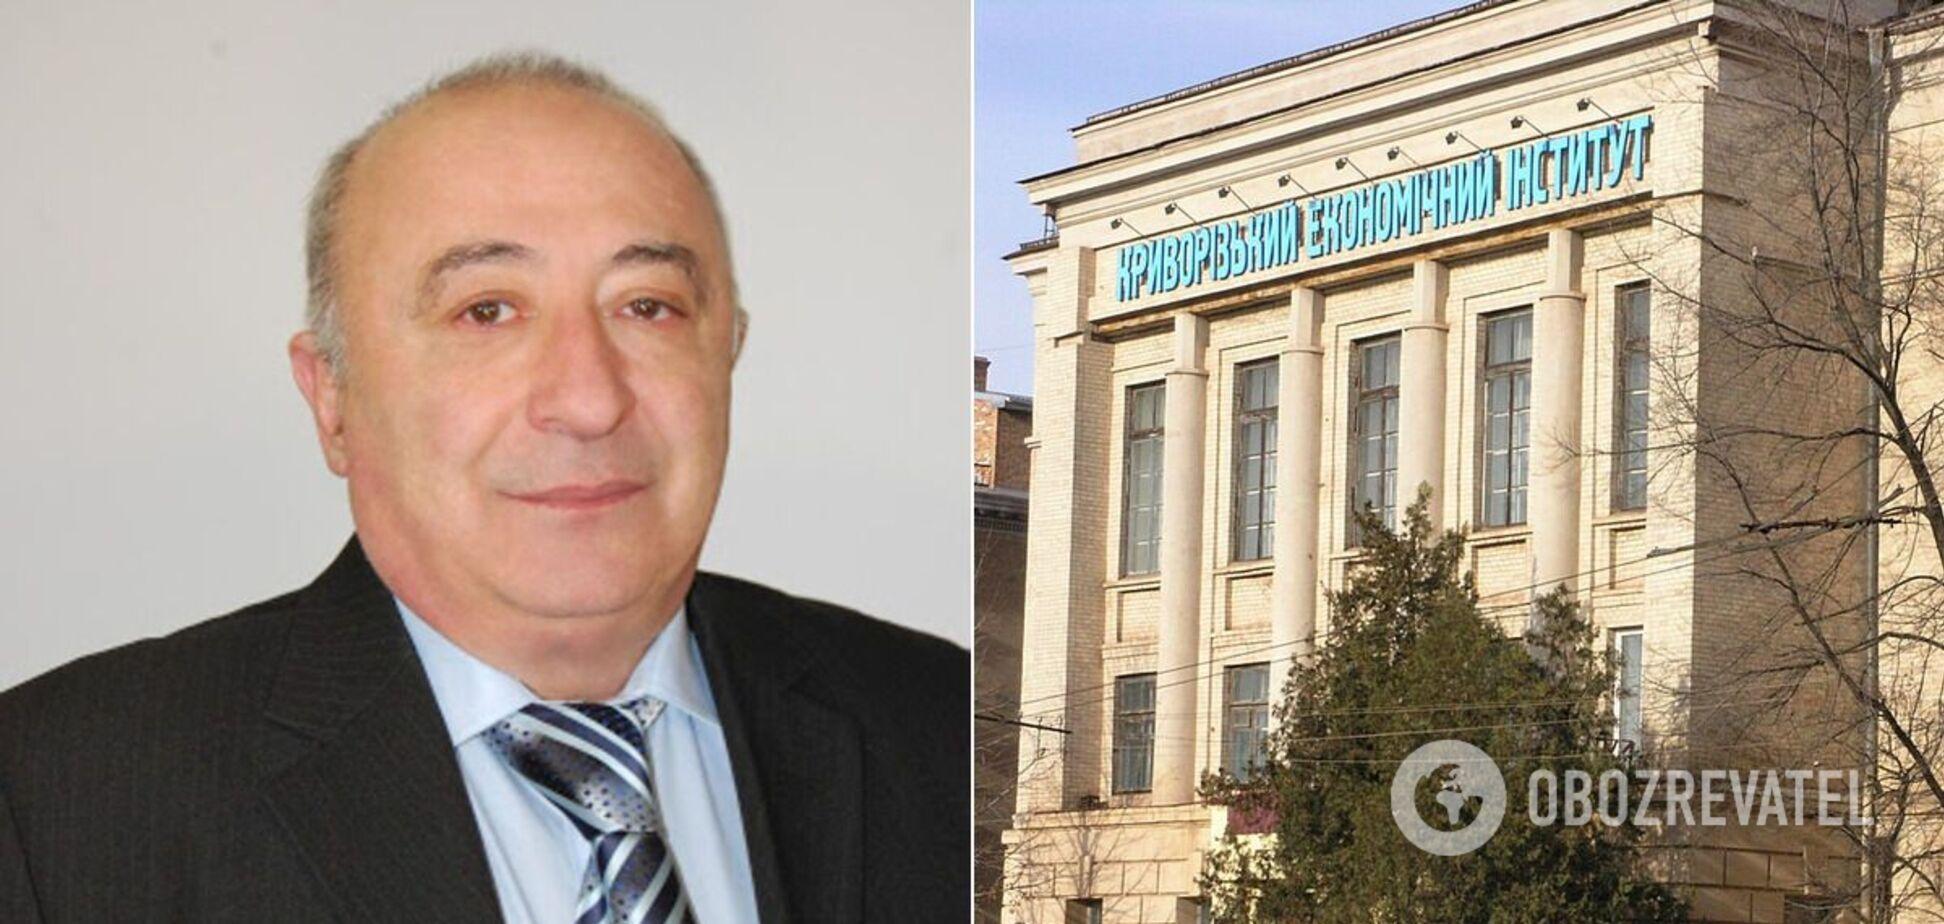 Професор, доктор технічних наук Олександр Зеленський